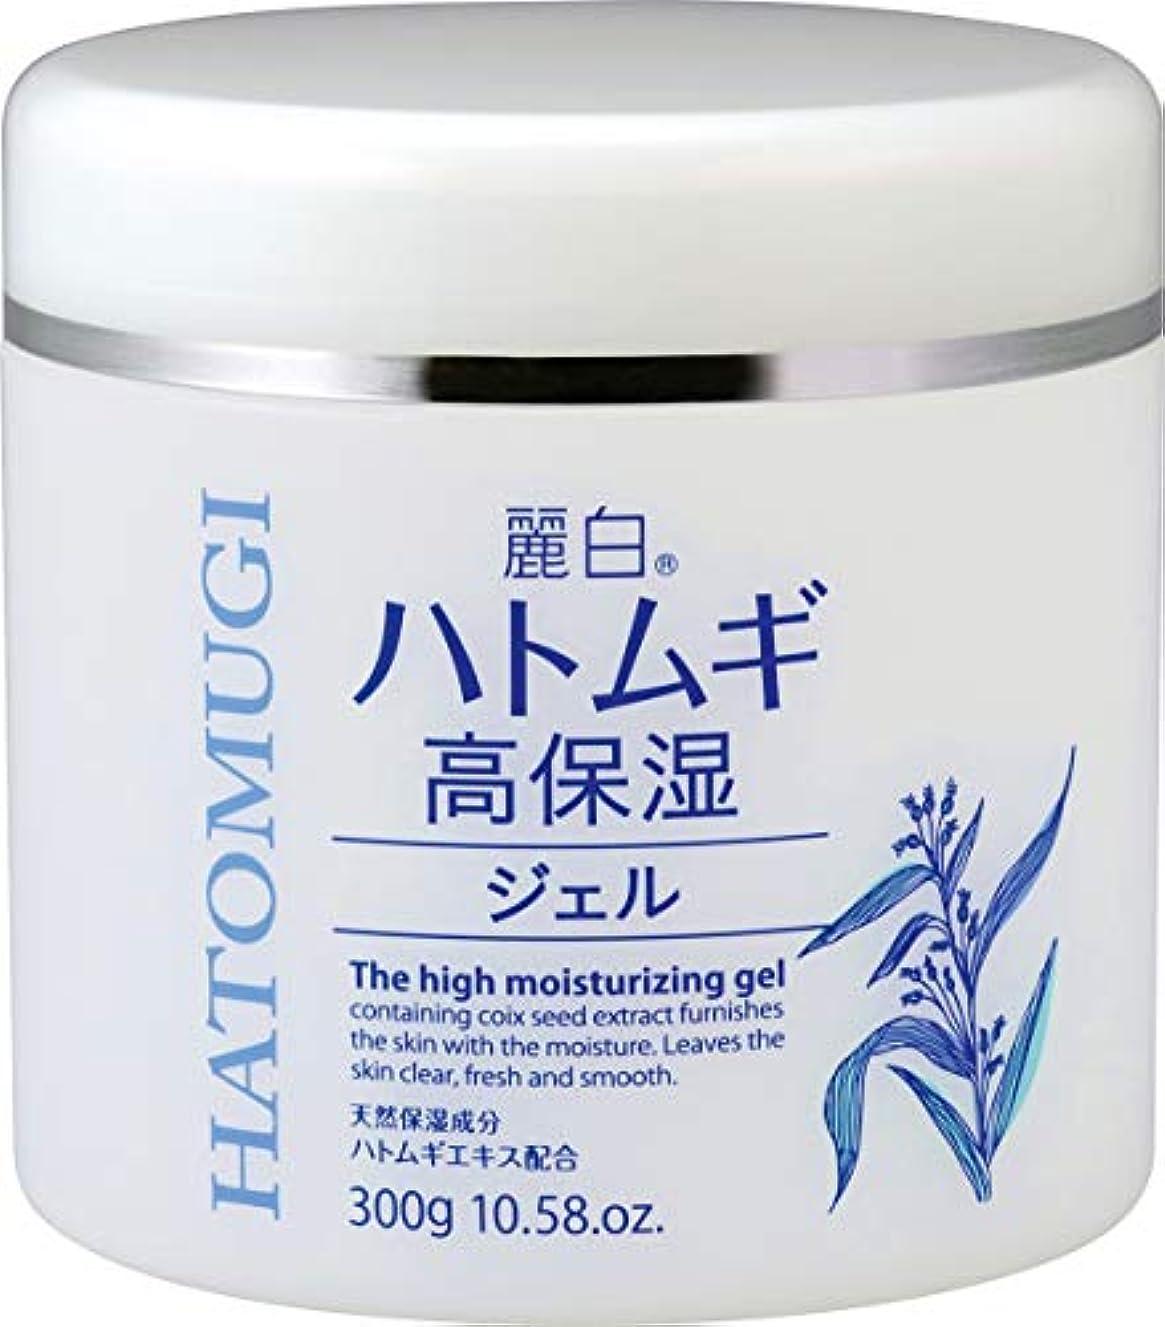 排泄物用量分離する麗白 ハトムギ 高保湿ジェル300G